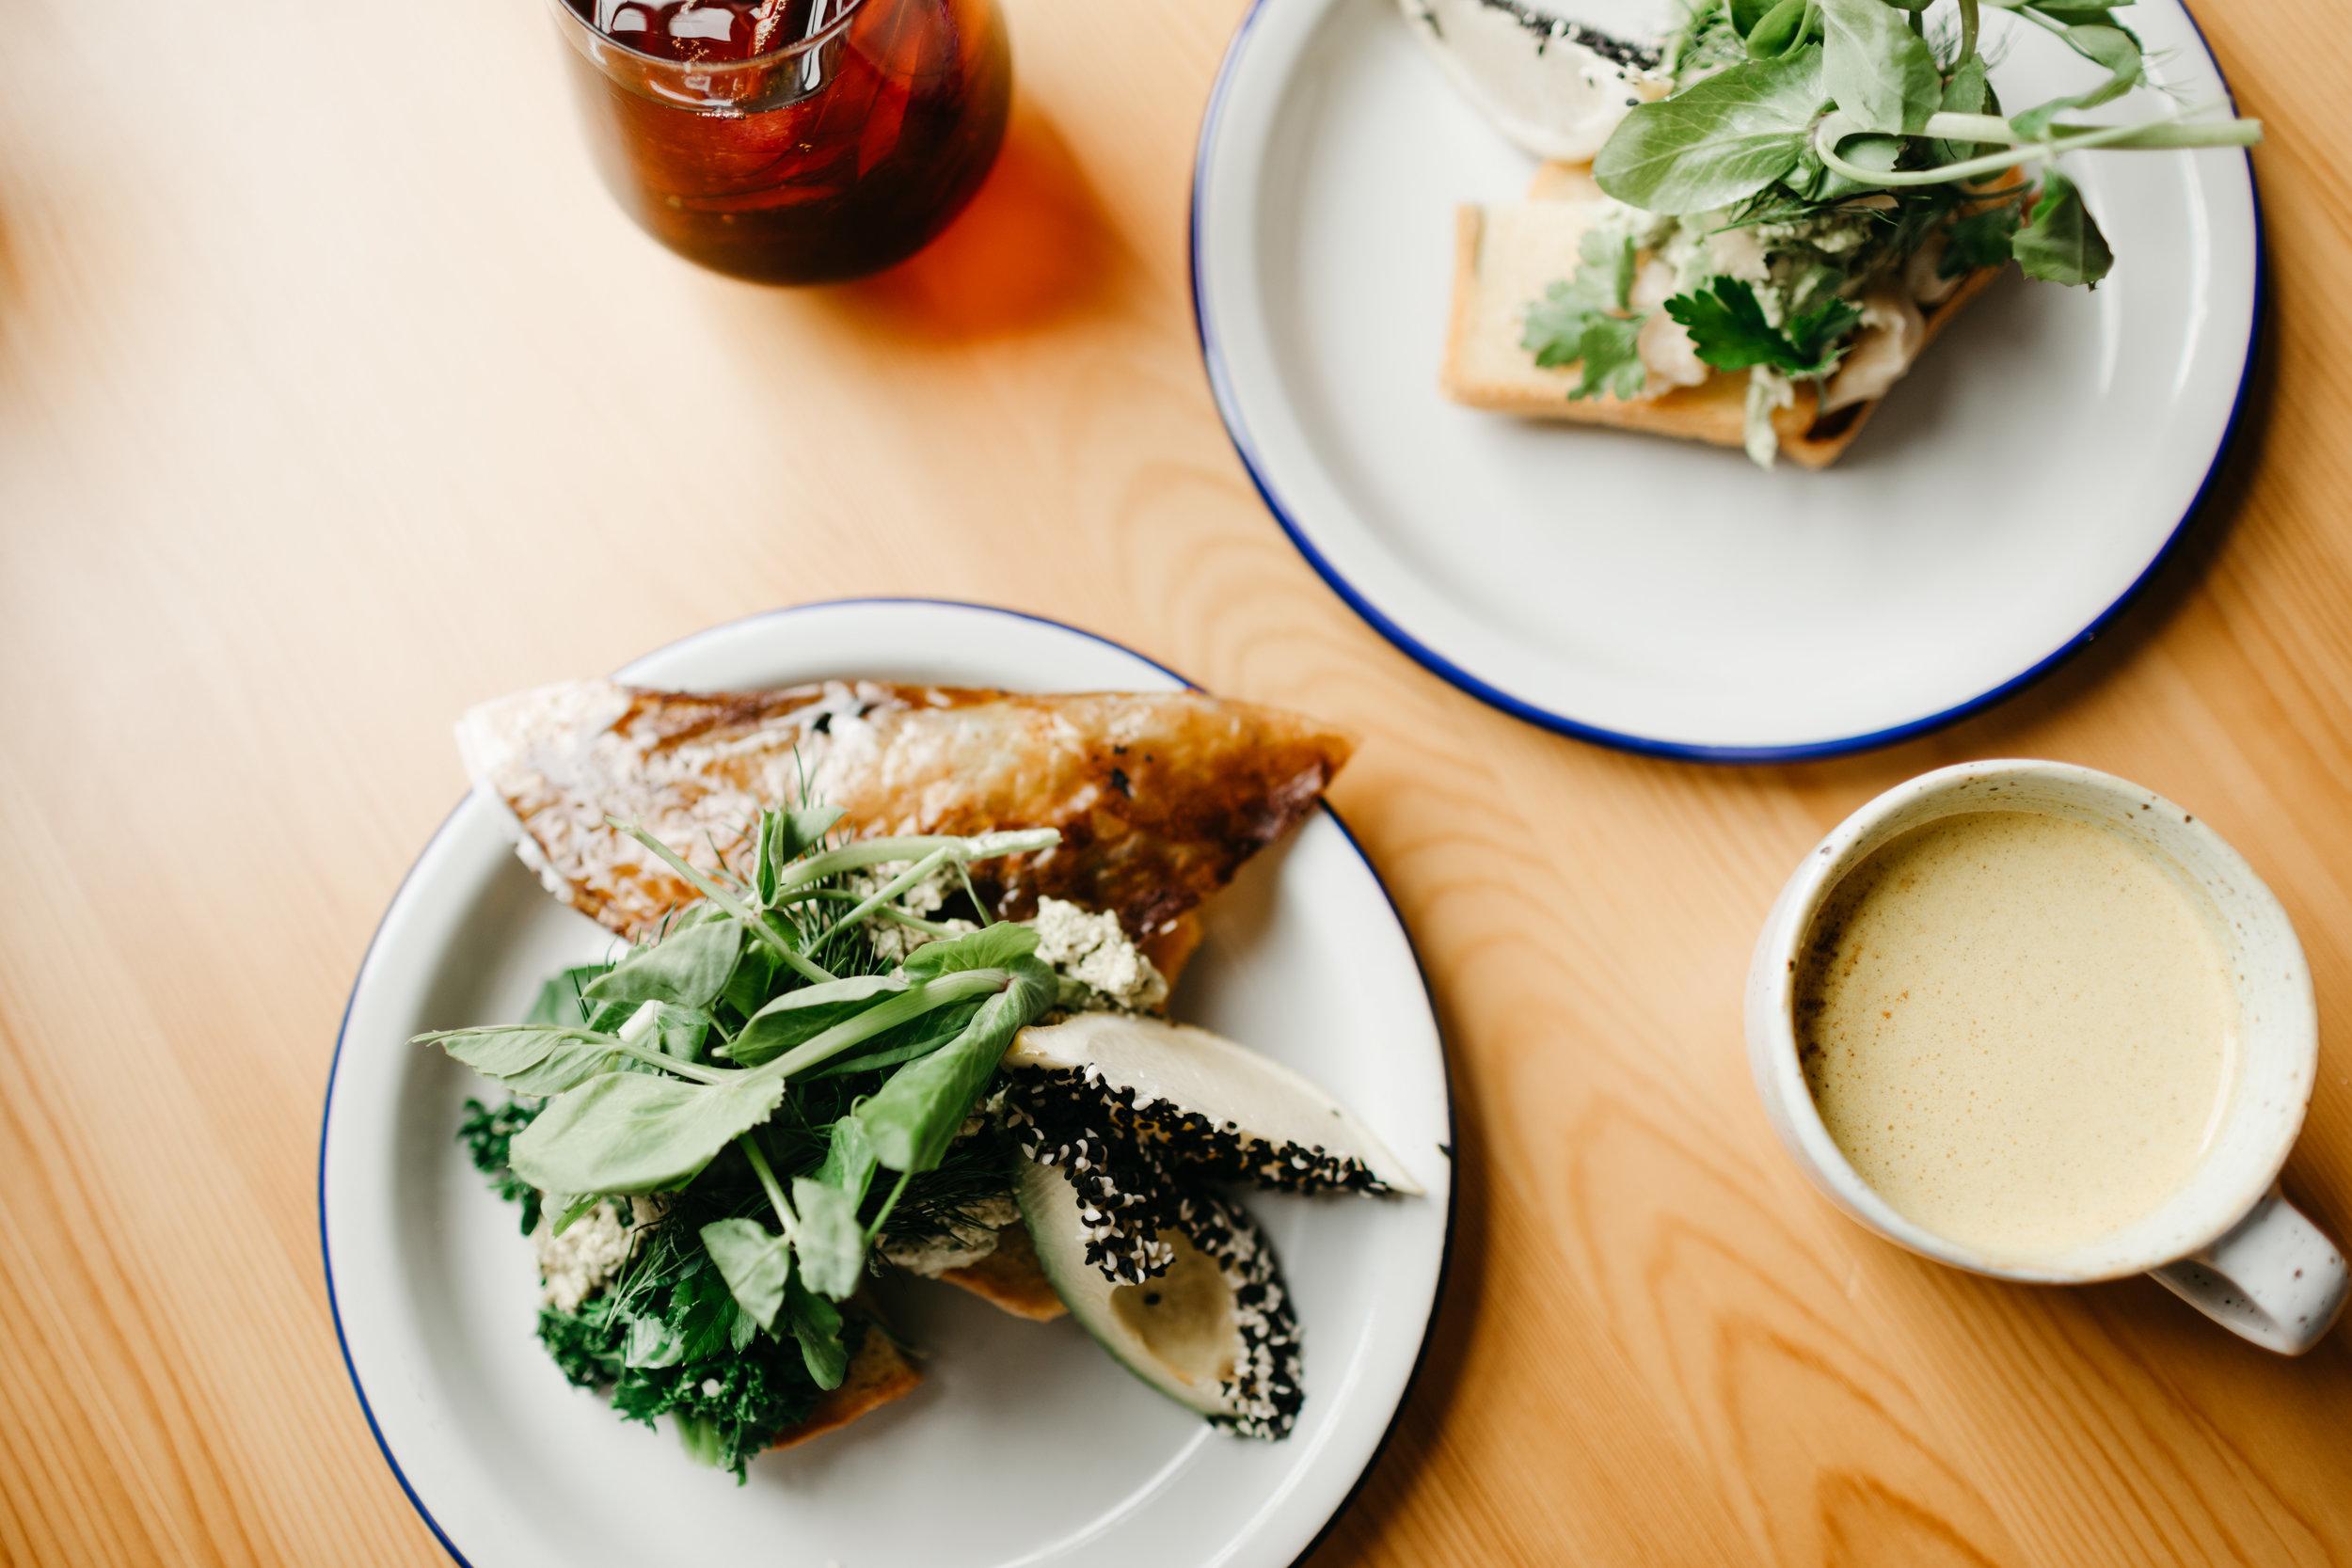 brisbane_flora_by_greenhouse_restaurant_photo_by_samantha_look.jpg